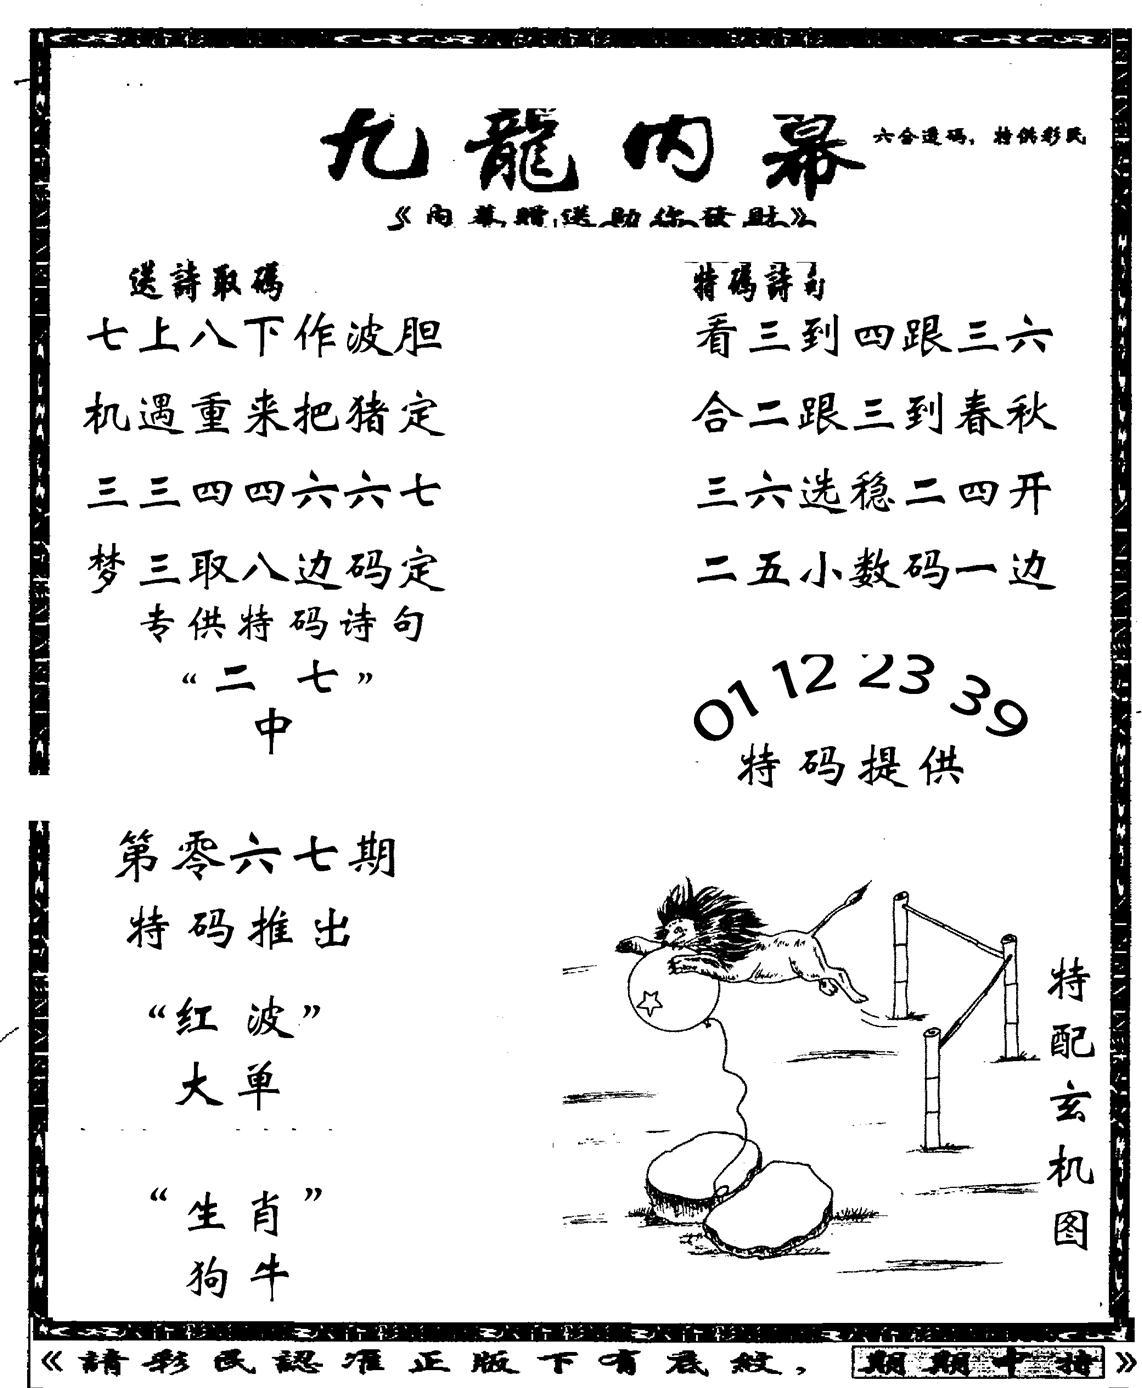 067期老九龙内幕(黑白)